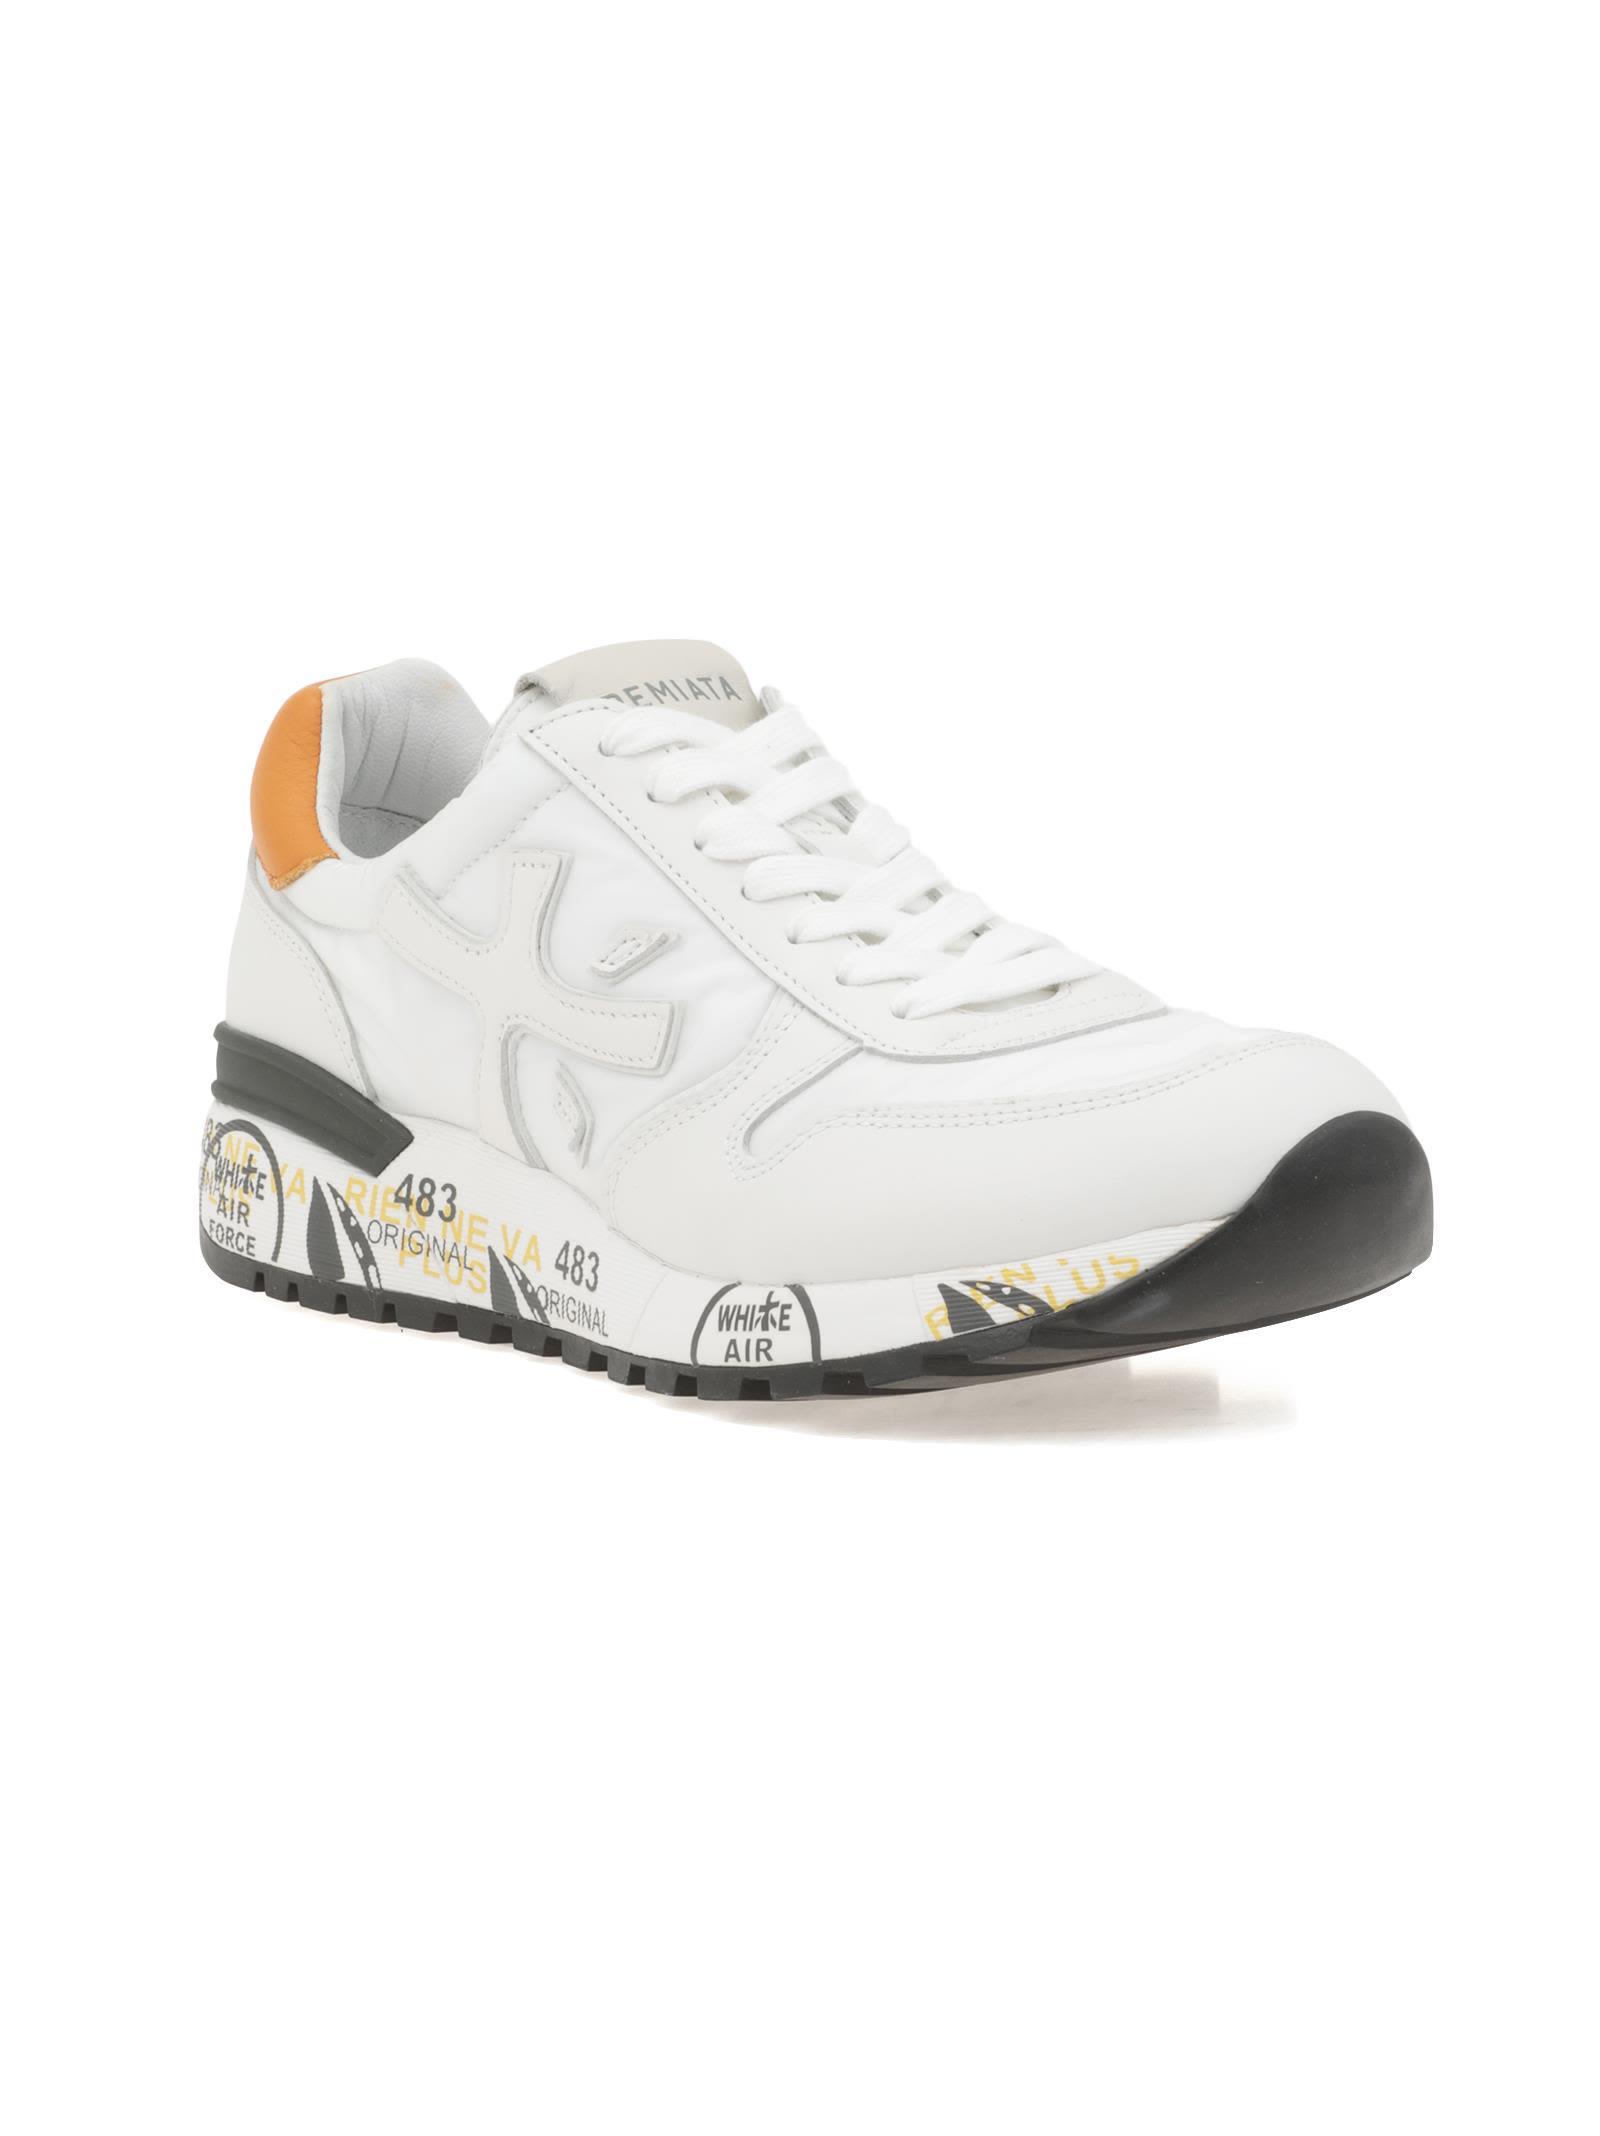 Premiata Blanc Mick 2828 Sneaker d2mJdIcSM